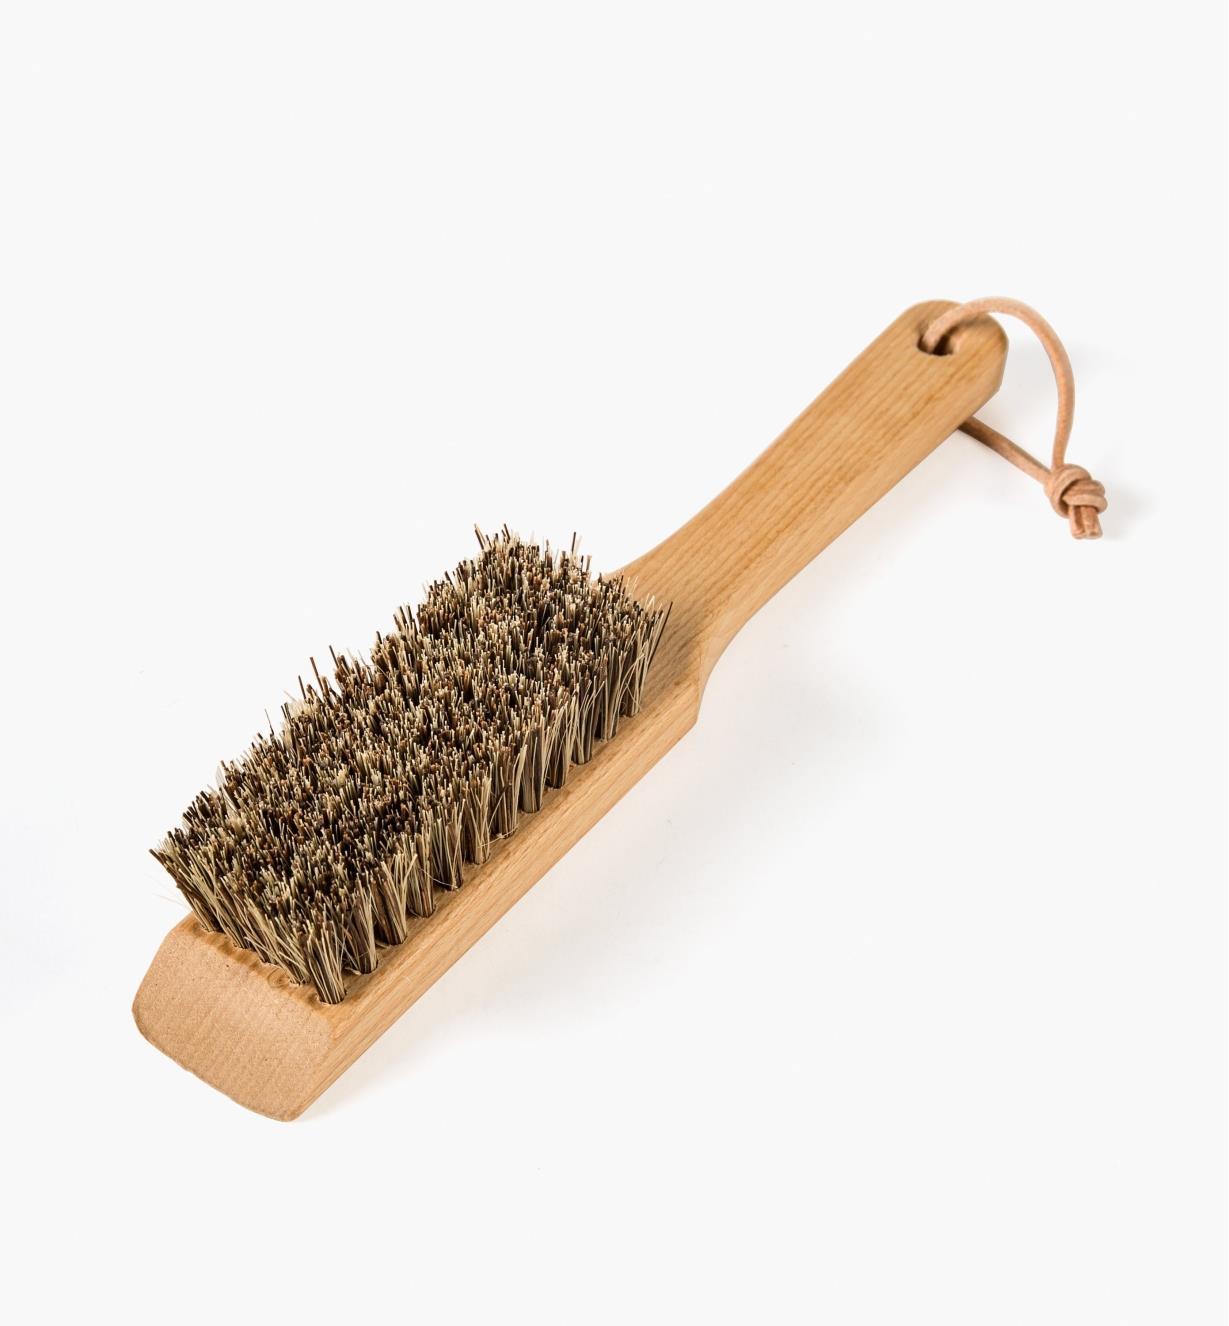 DB322 - Brosse pour outils de jardinage